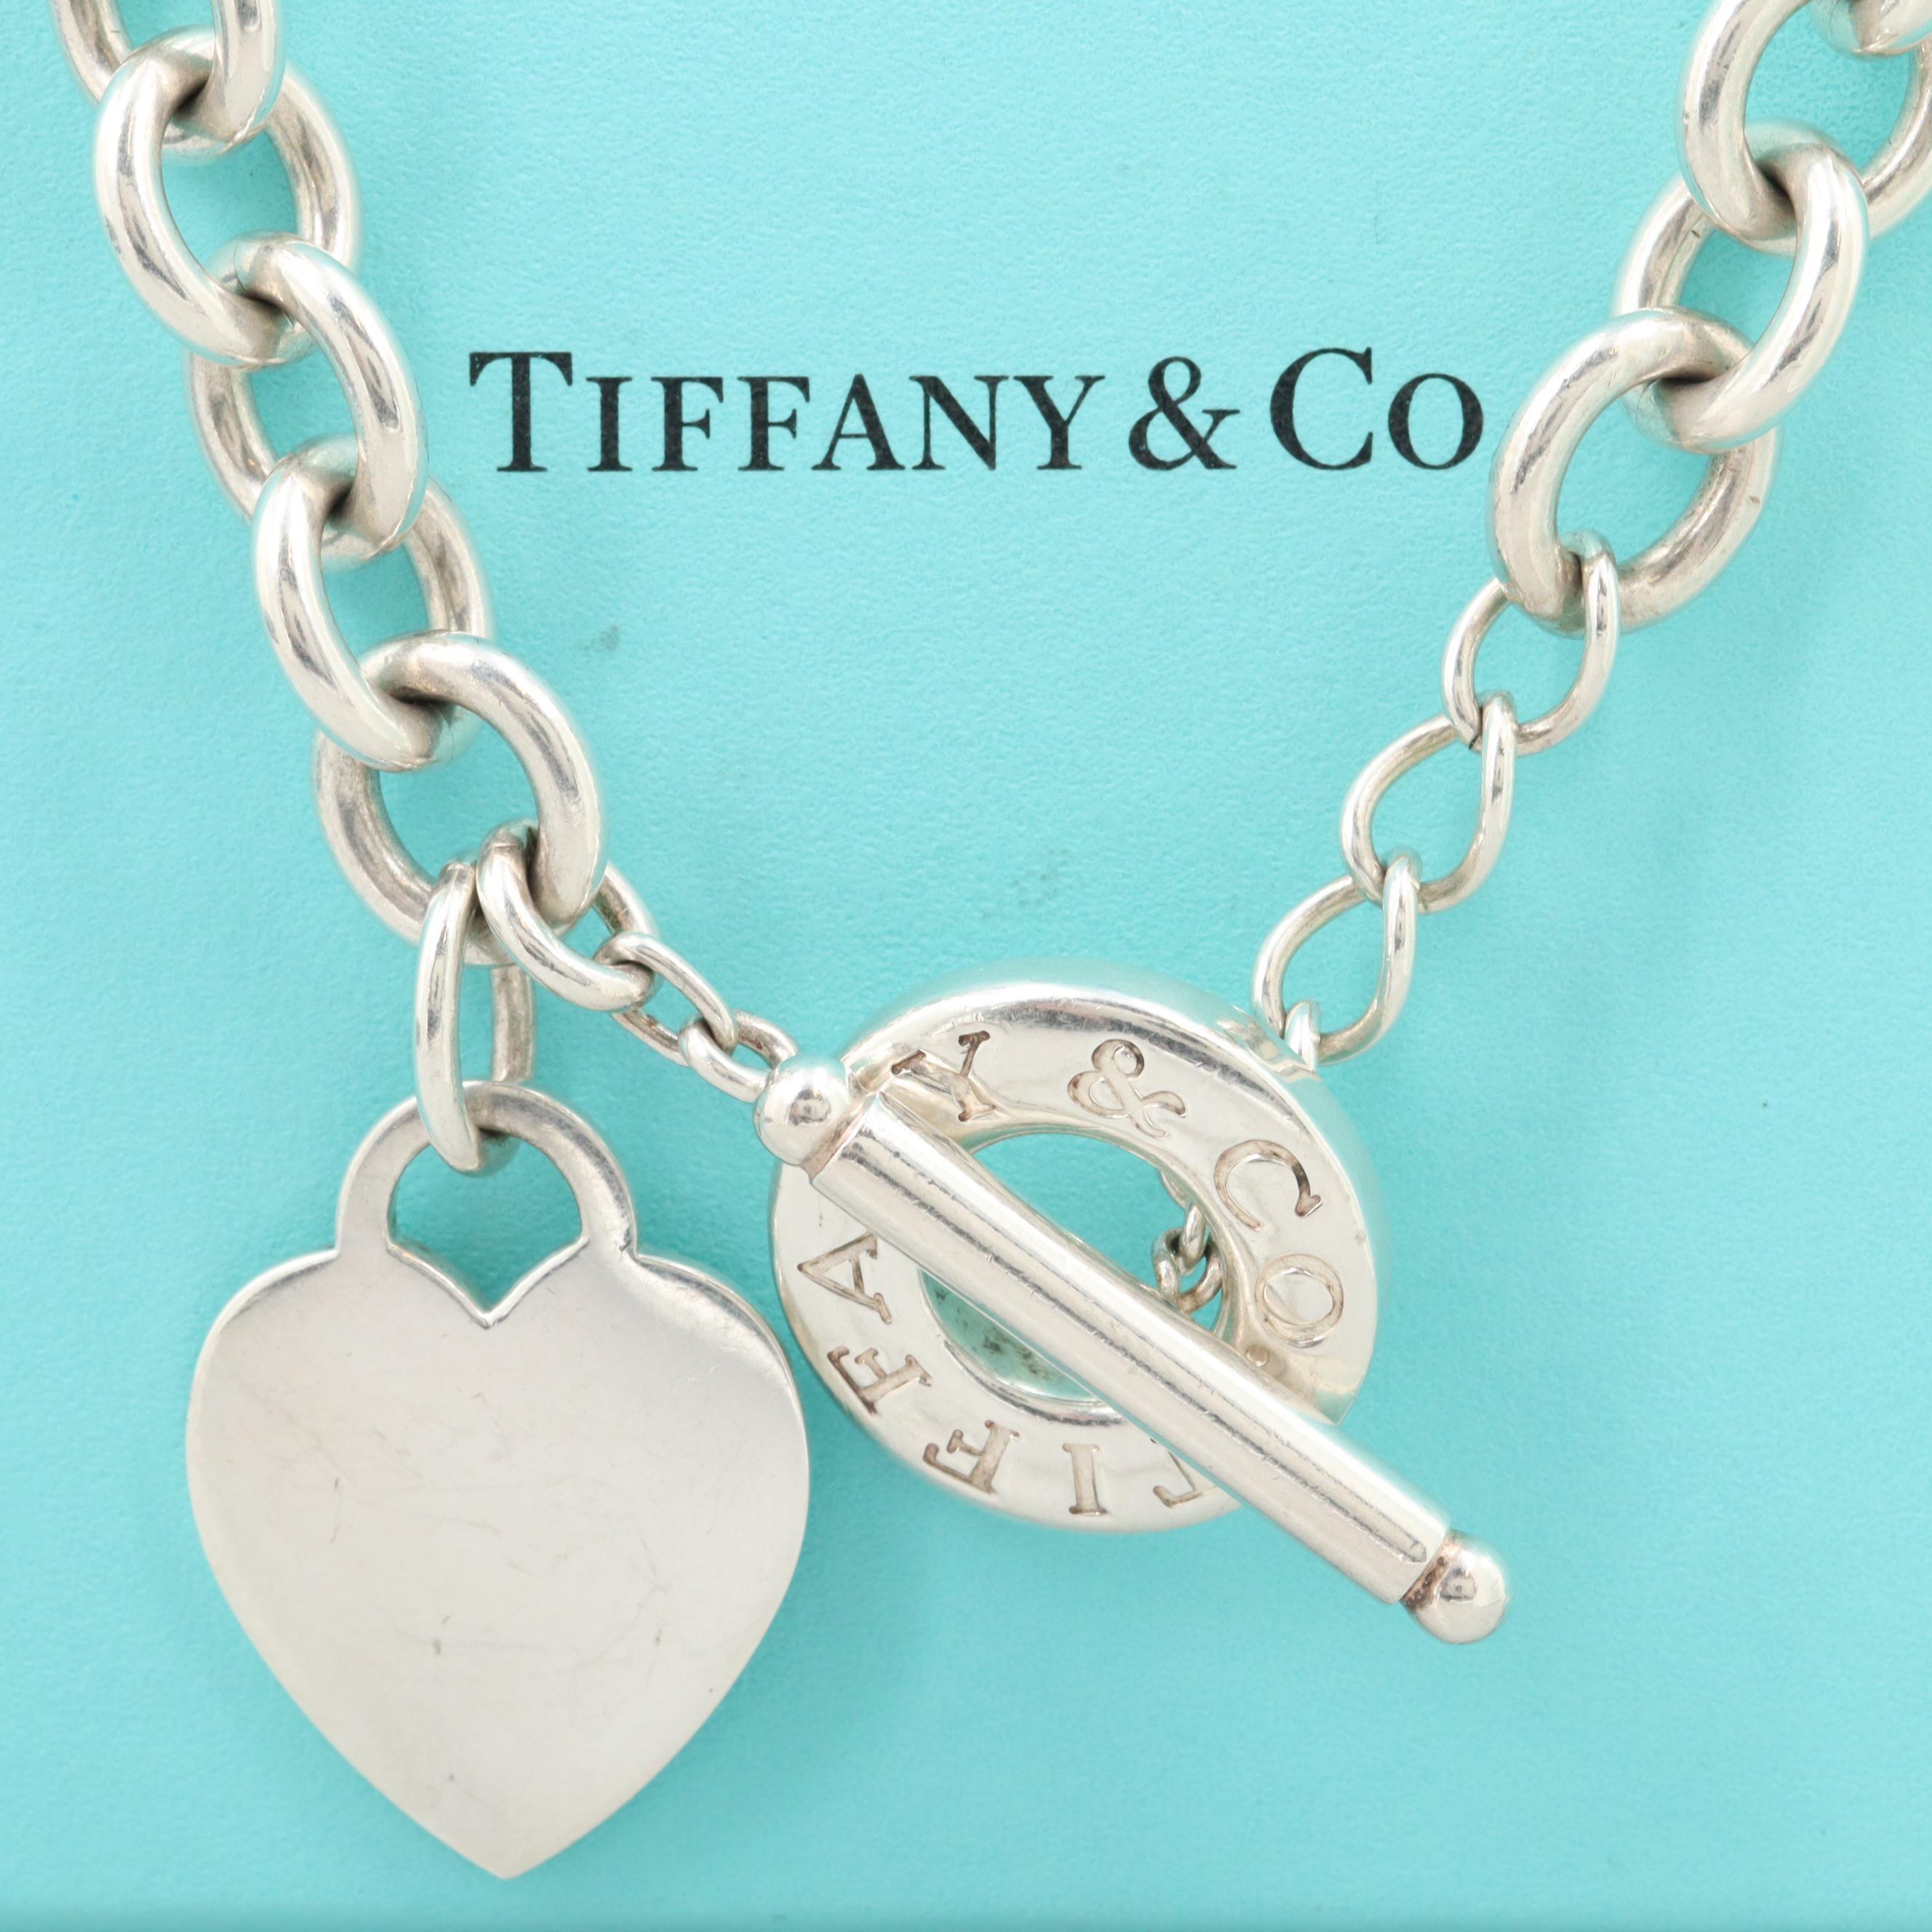 Tiffany & Co. Heart Charm Necklace